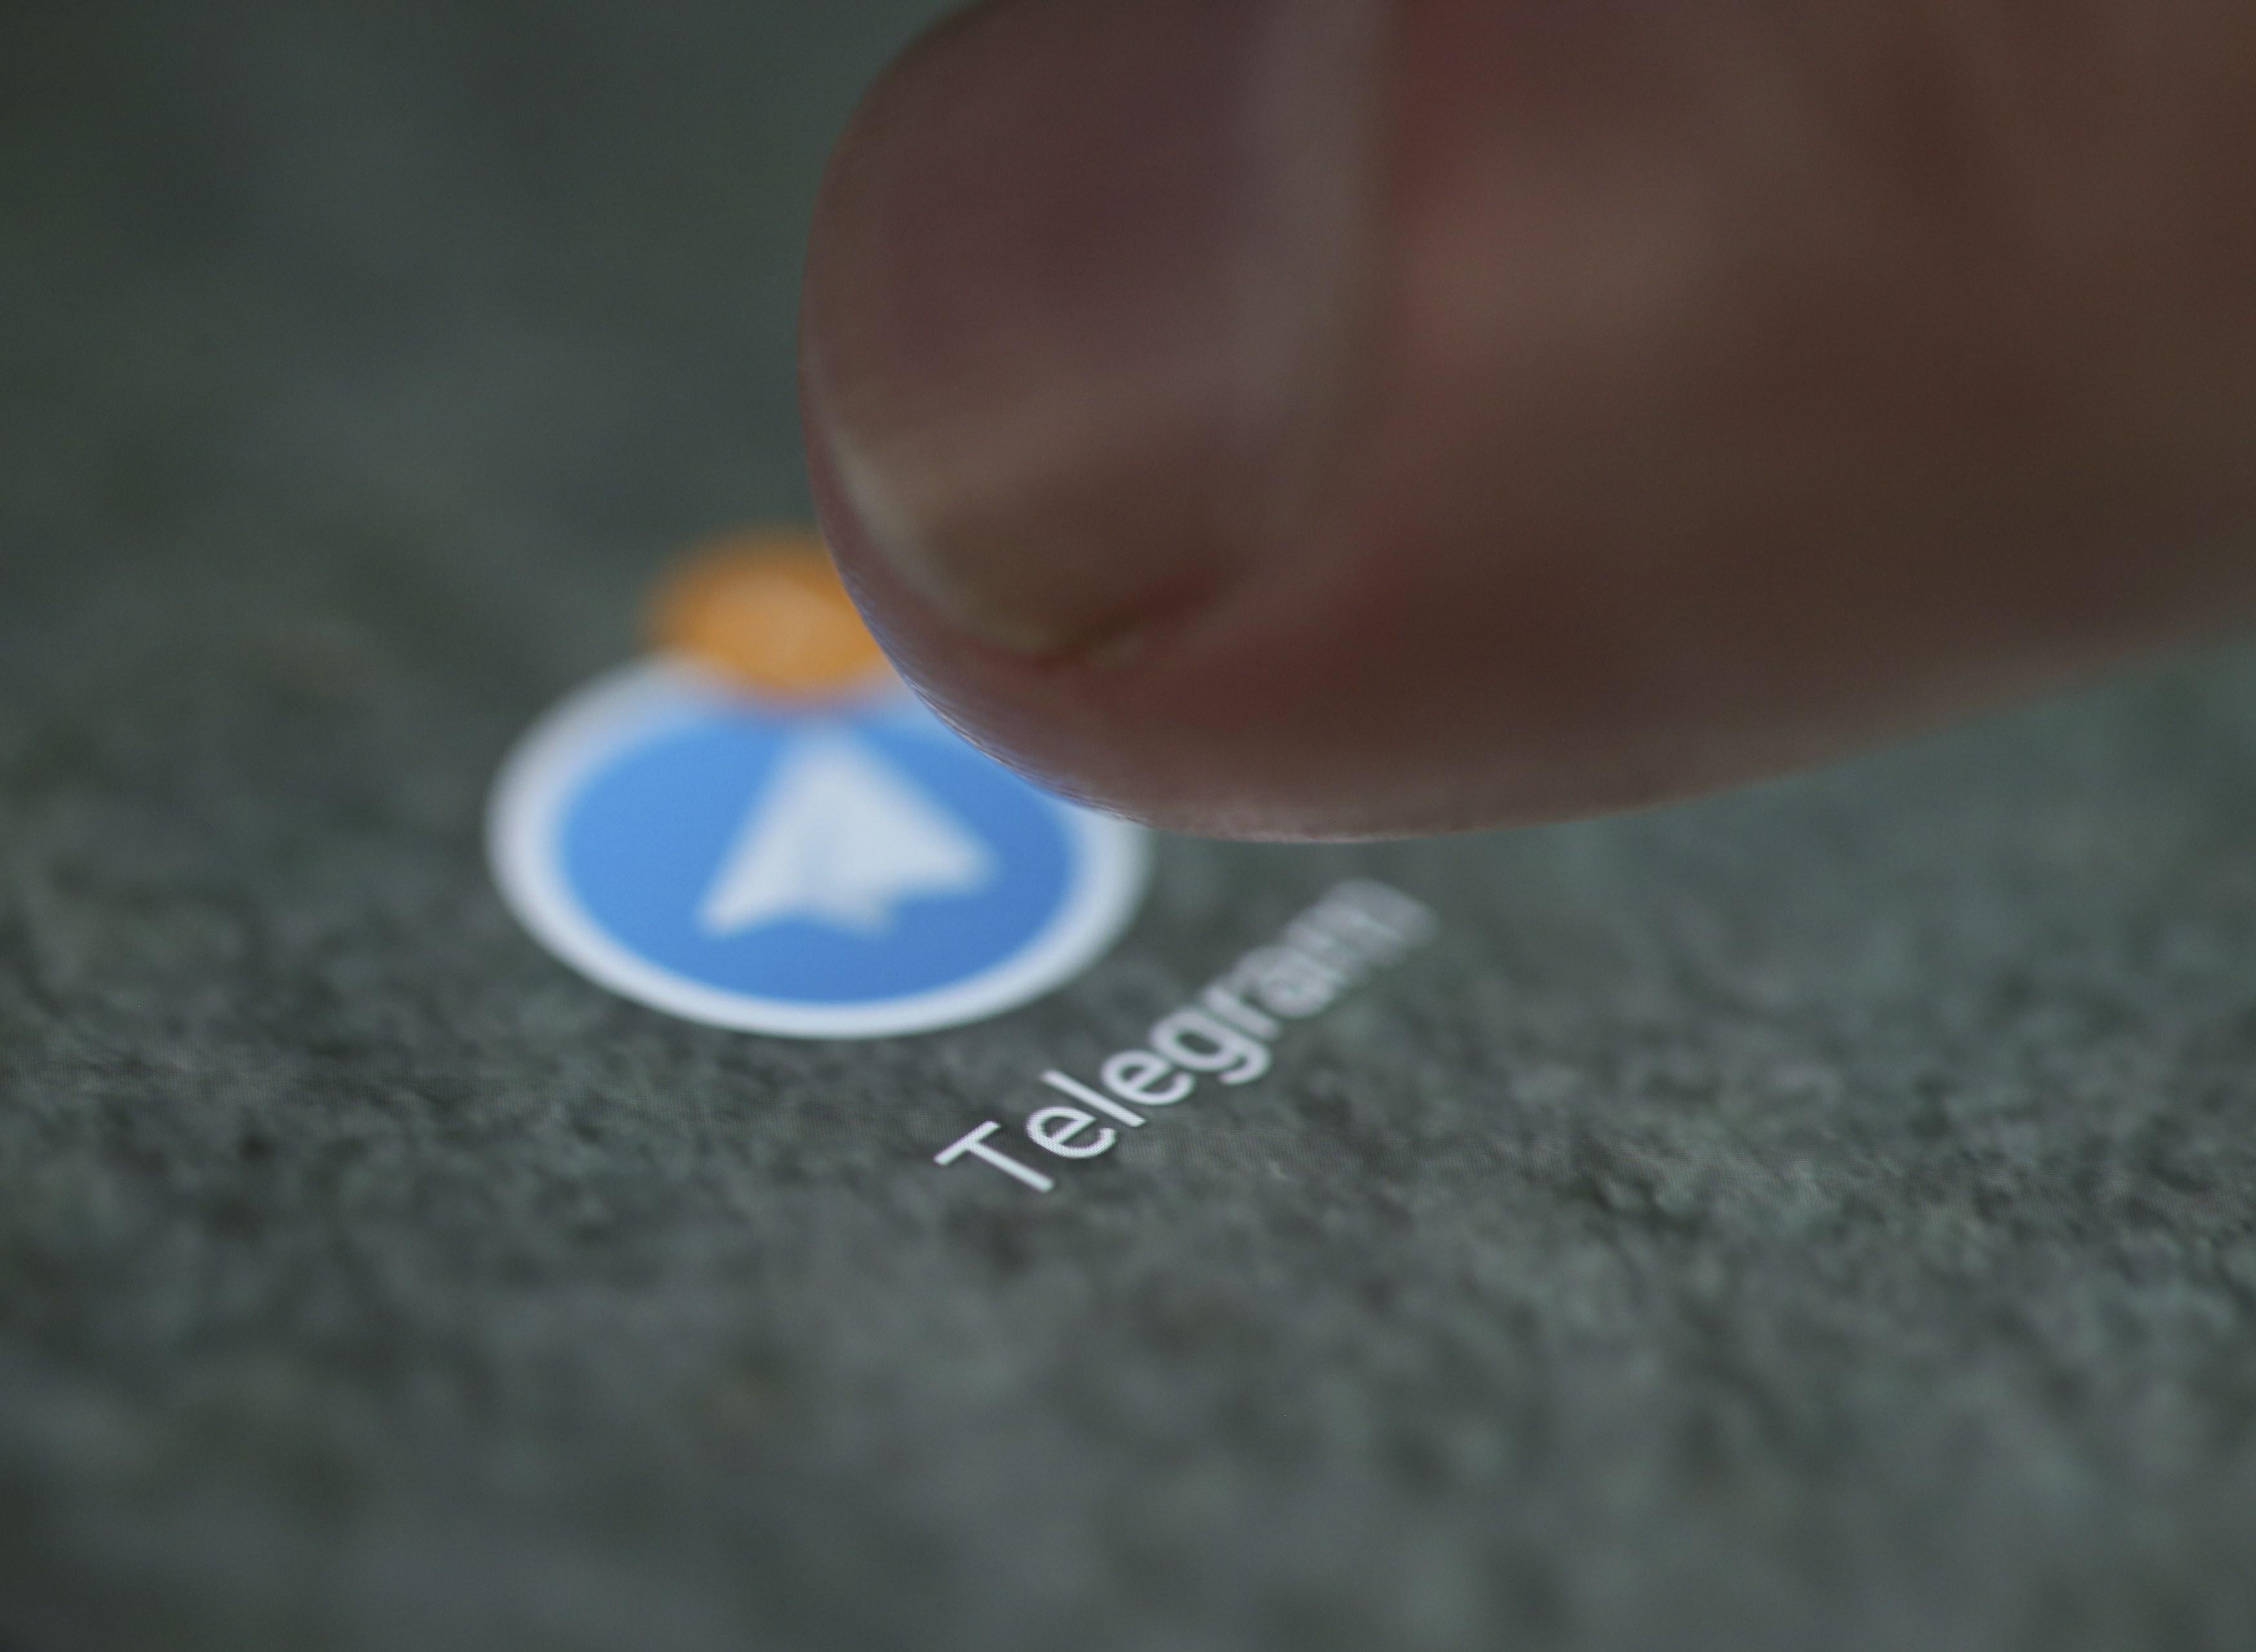 После Telegram в РФ хотят блокировать VPN-сервисы